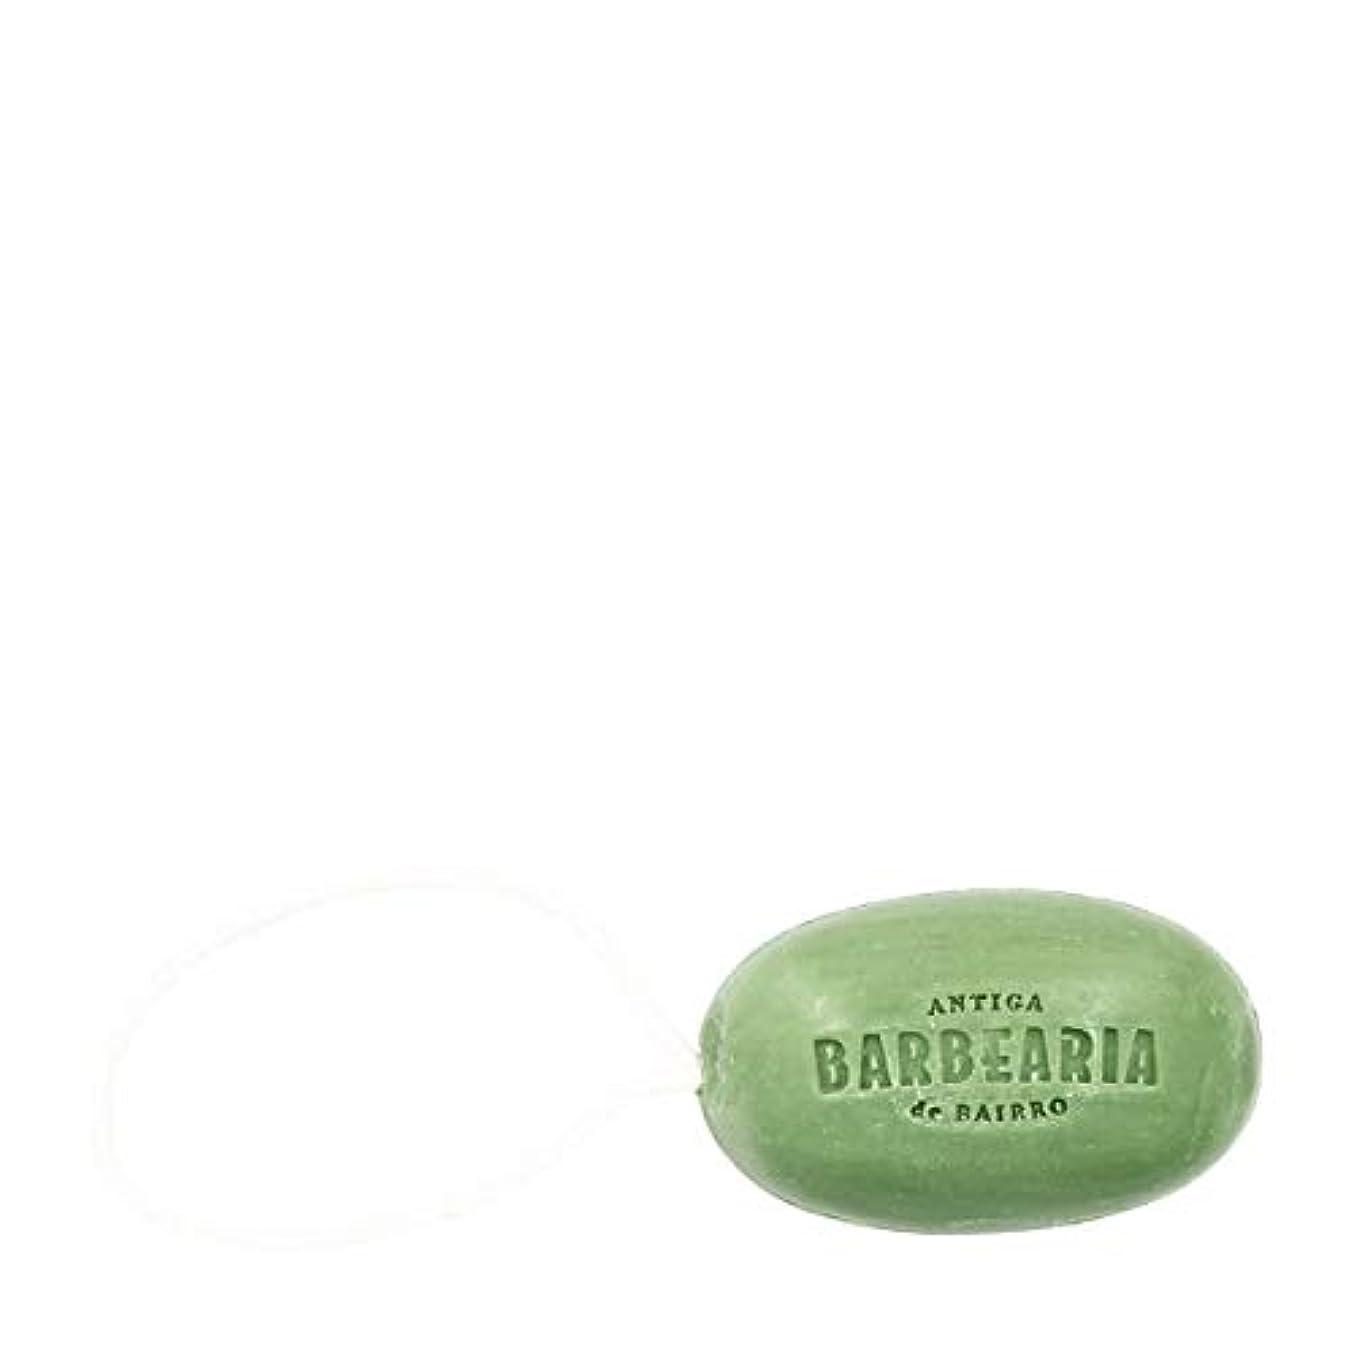 キュービック指導するレイアウトアンティガ?バーベリア(Antiga Barbearia de Bairro)プリンシペソープロープ350g[海外直送品] [並行輸入品]